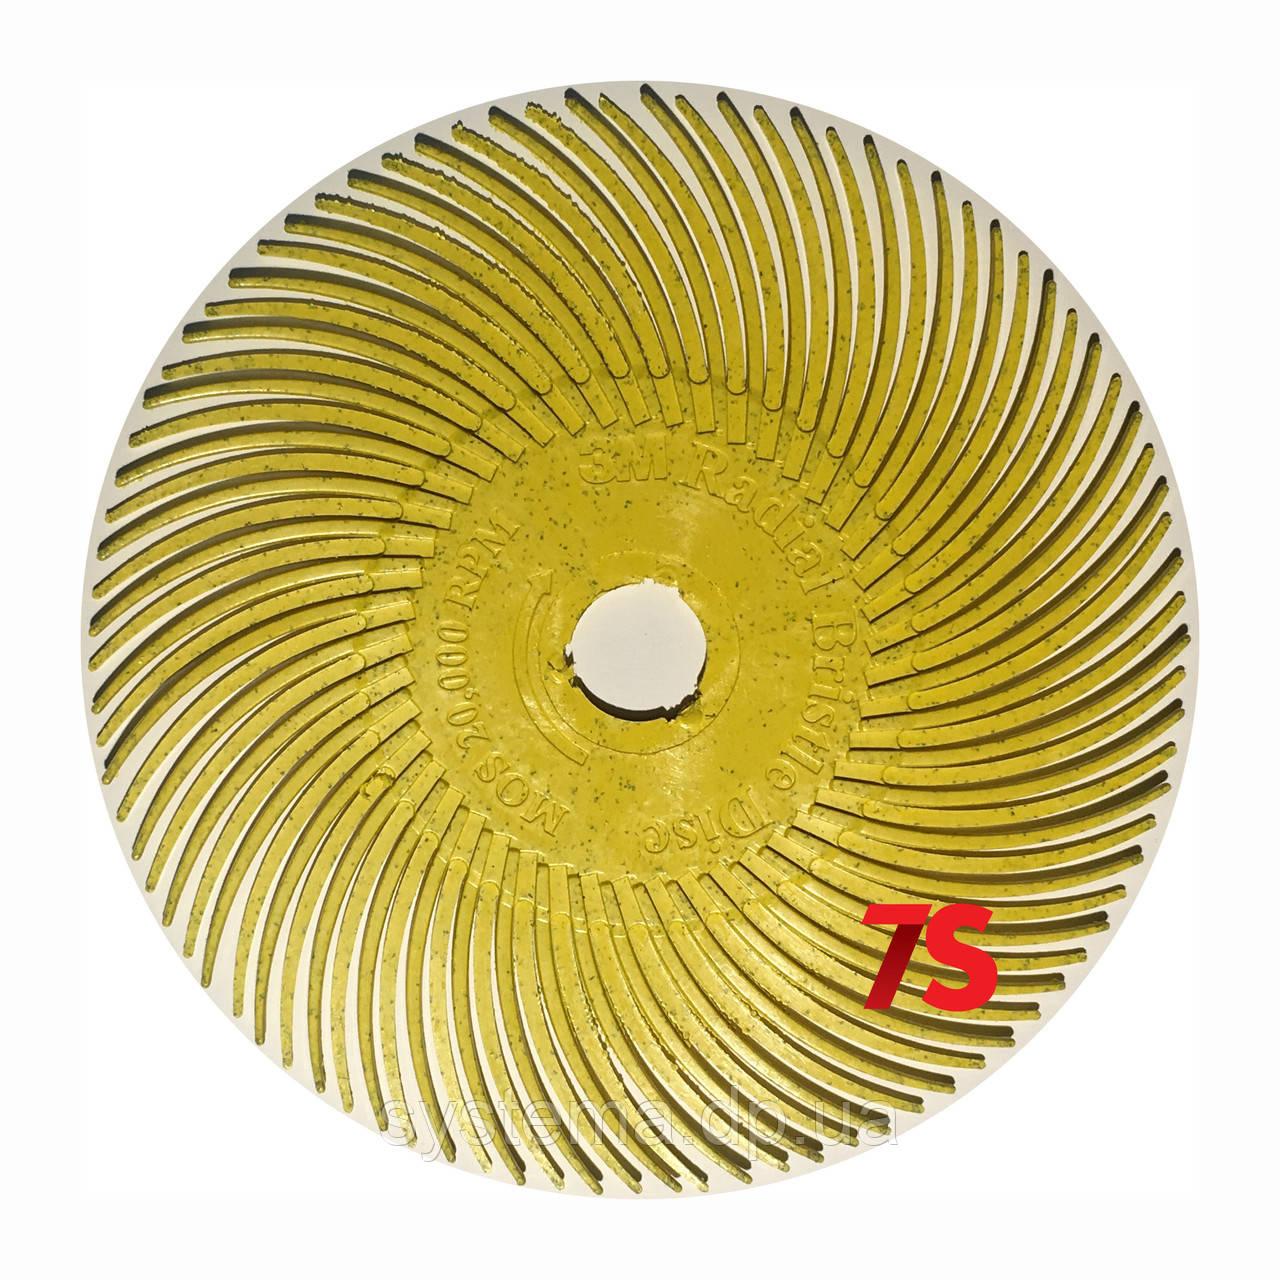 3M 30126 Scotch-Brite™ Bristle RB-ZB - Радиальная щетка 76х9 мм, P80, желтая